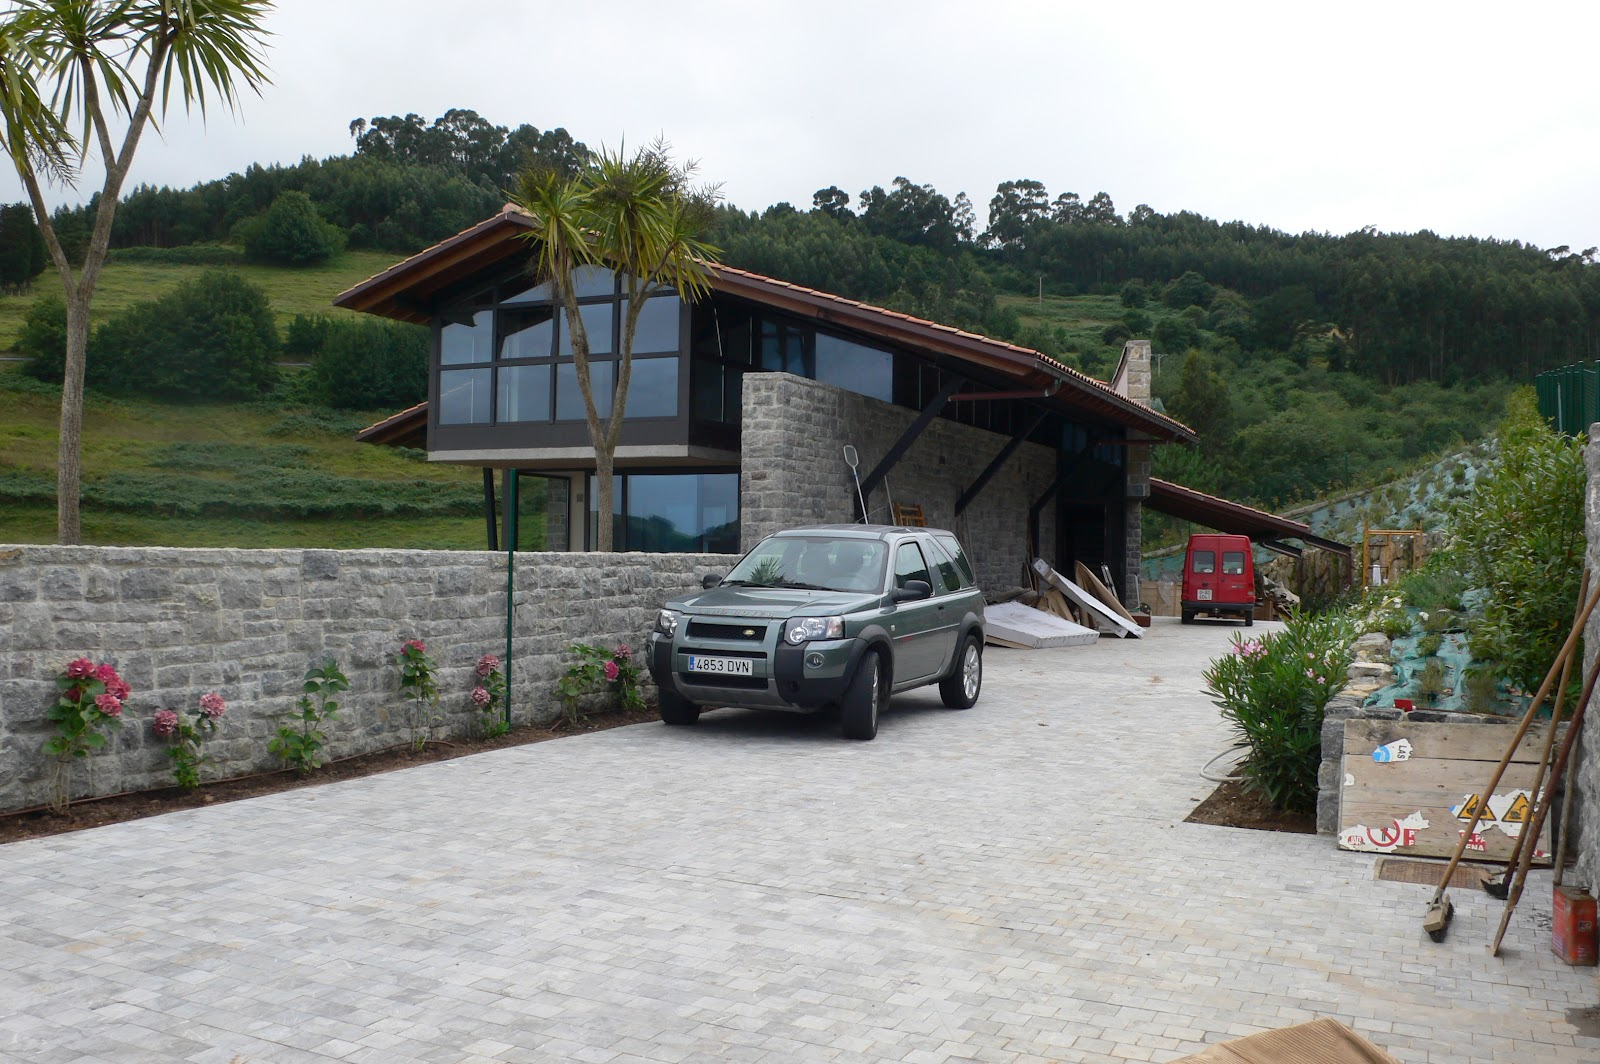 Arquitectos en asturias arquitectos en asturias with - Arquitectos asturias ...